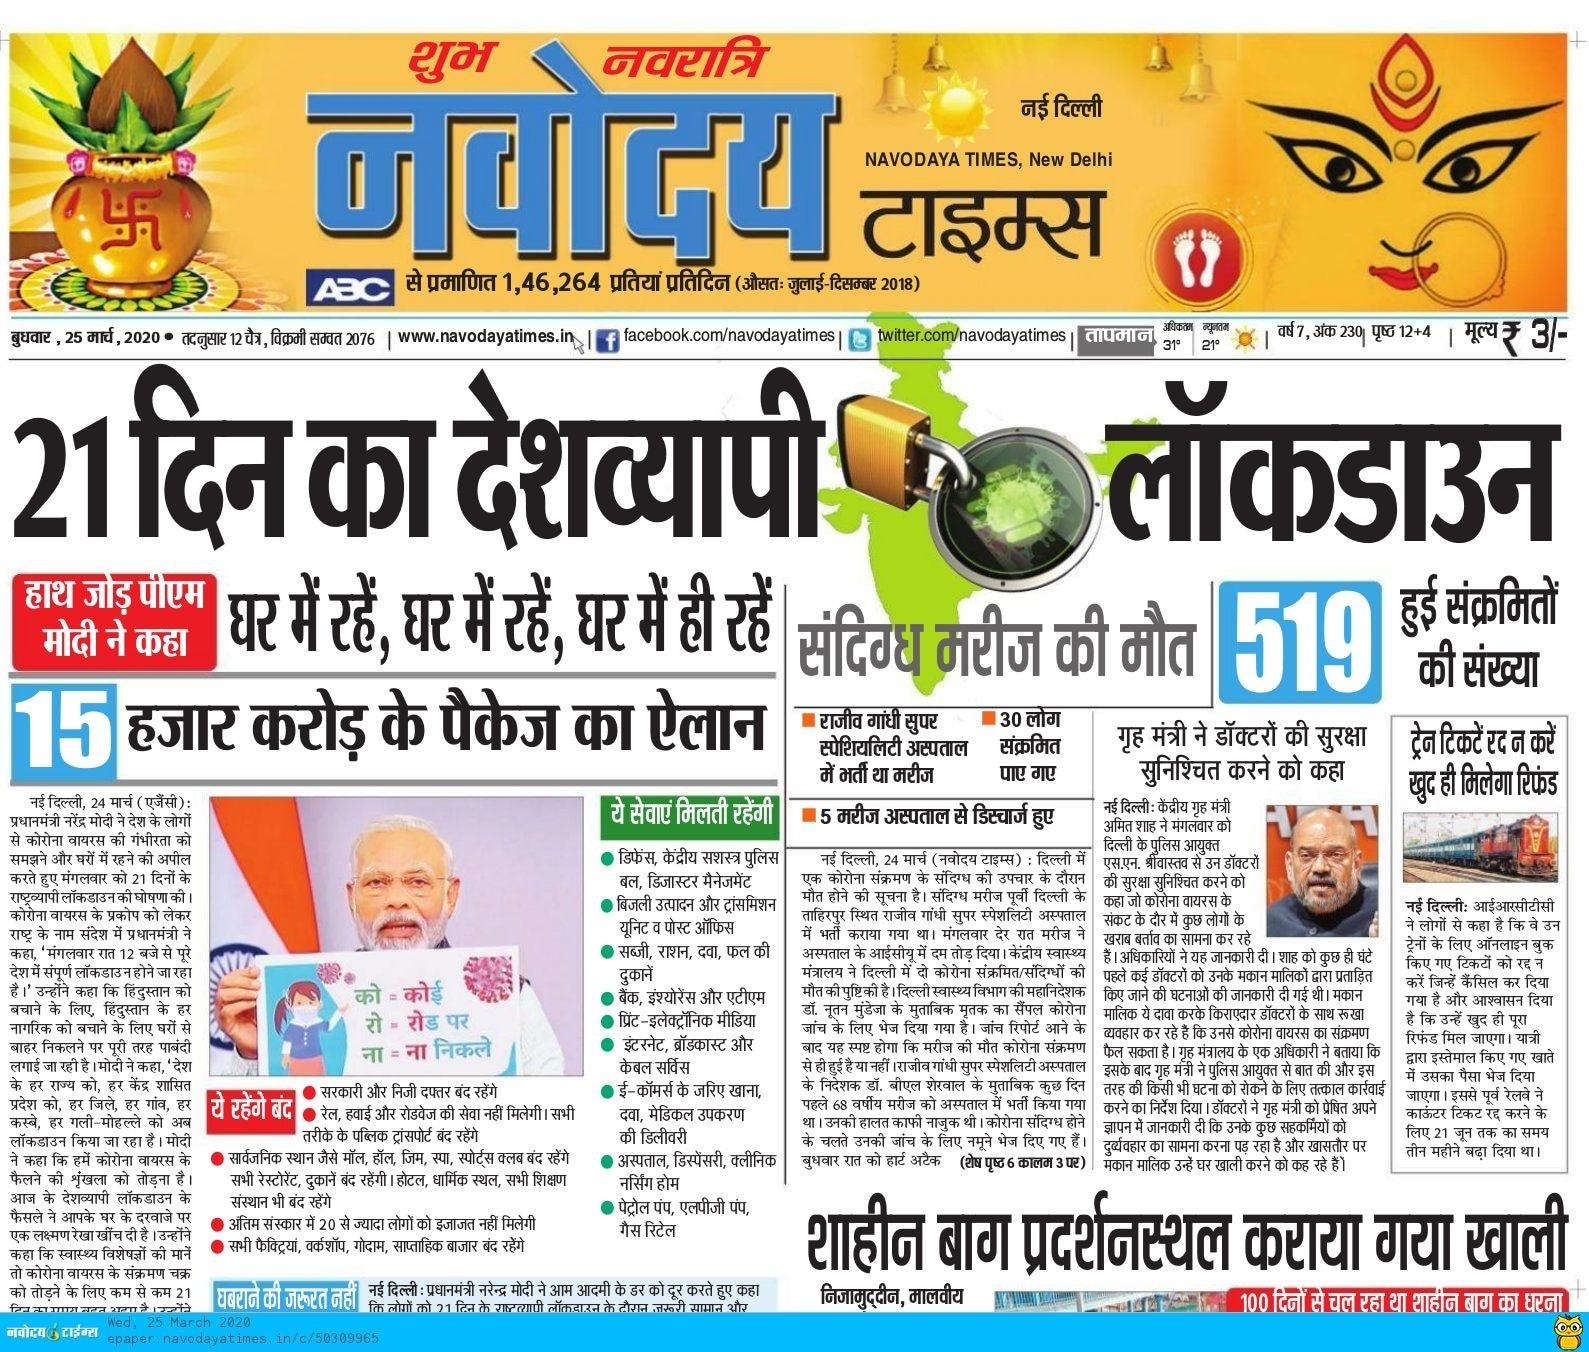 हिन्दी दैनिक नवोदय टाइम्स ने लिखा है- 21 दिन का देशव्यापी लॉकडाउन